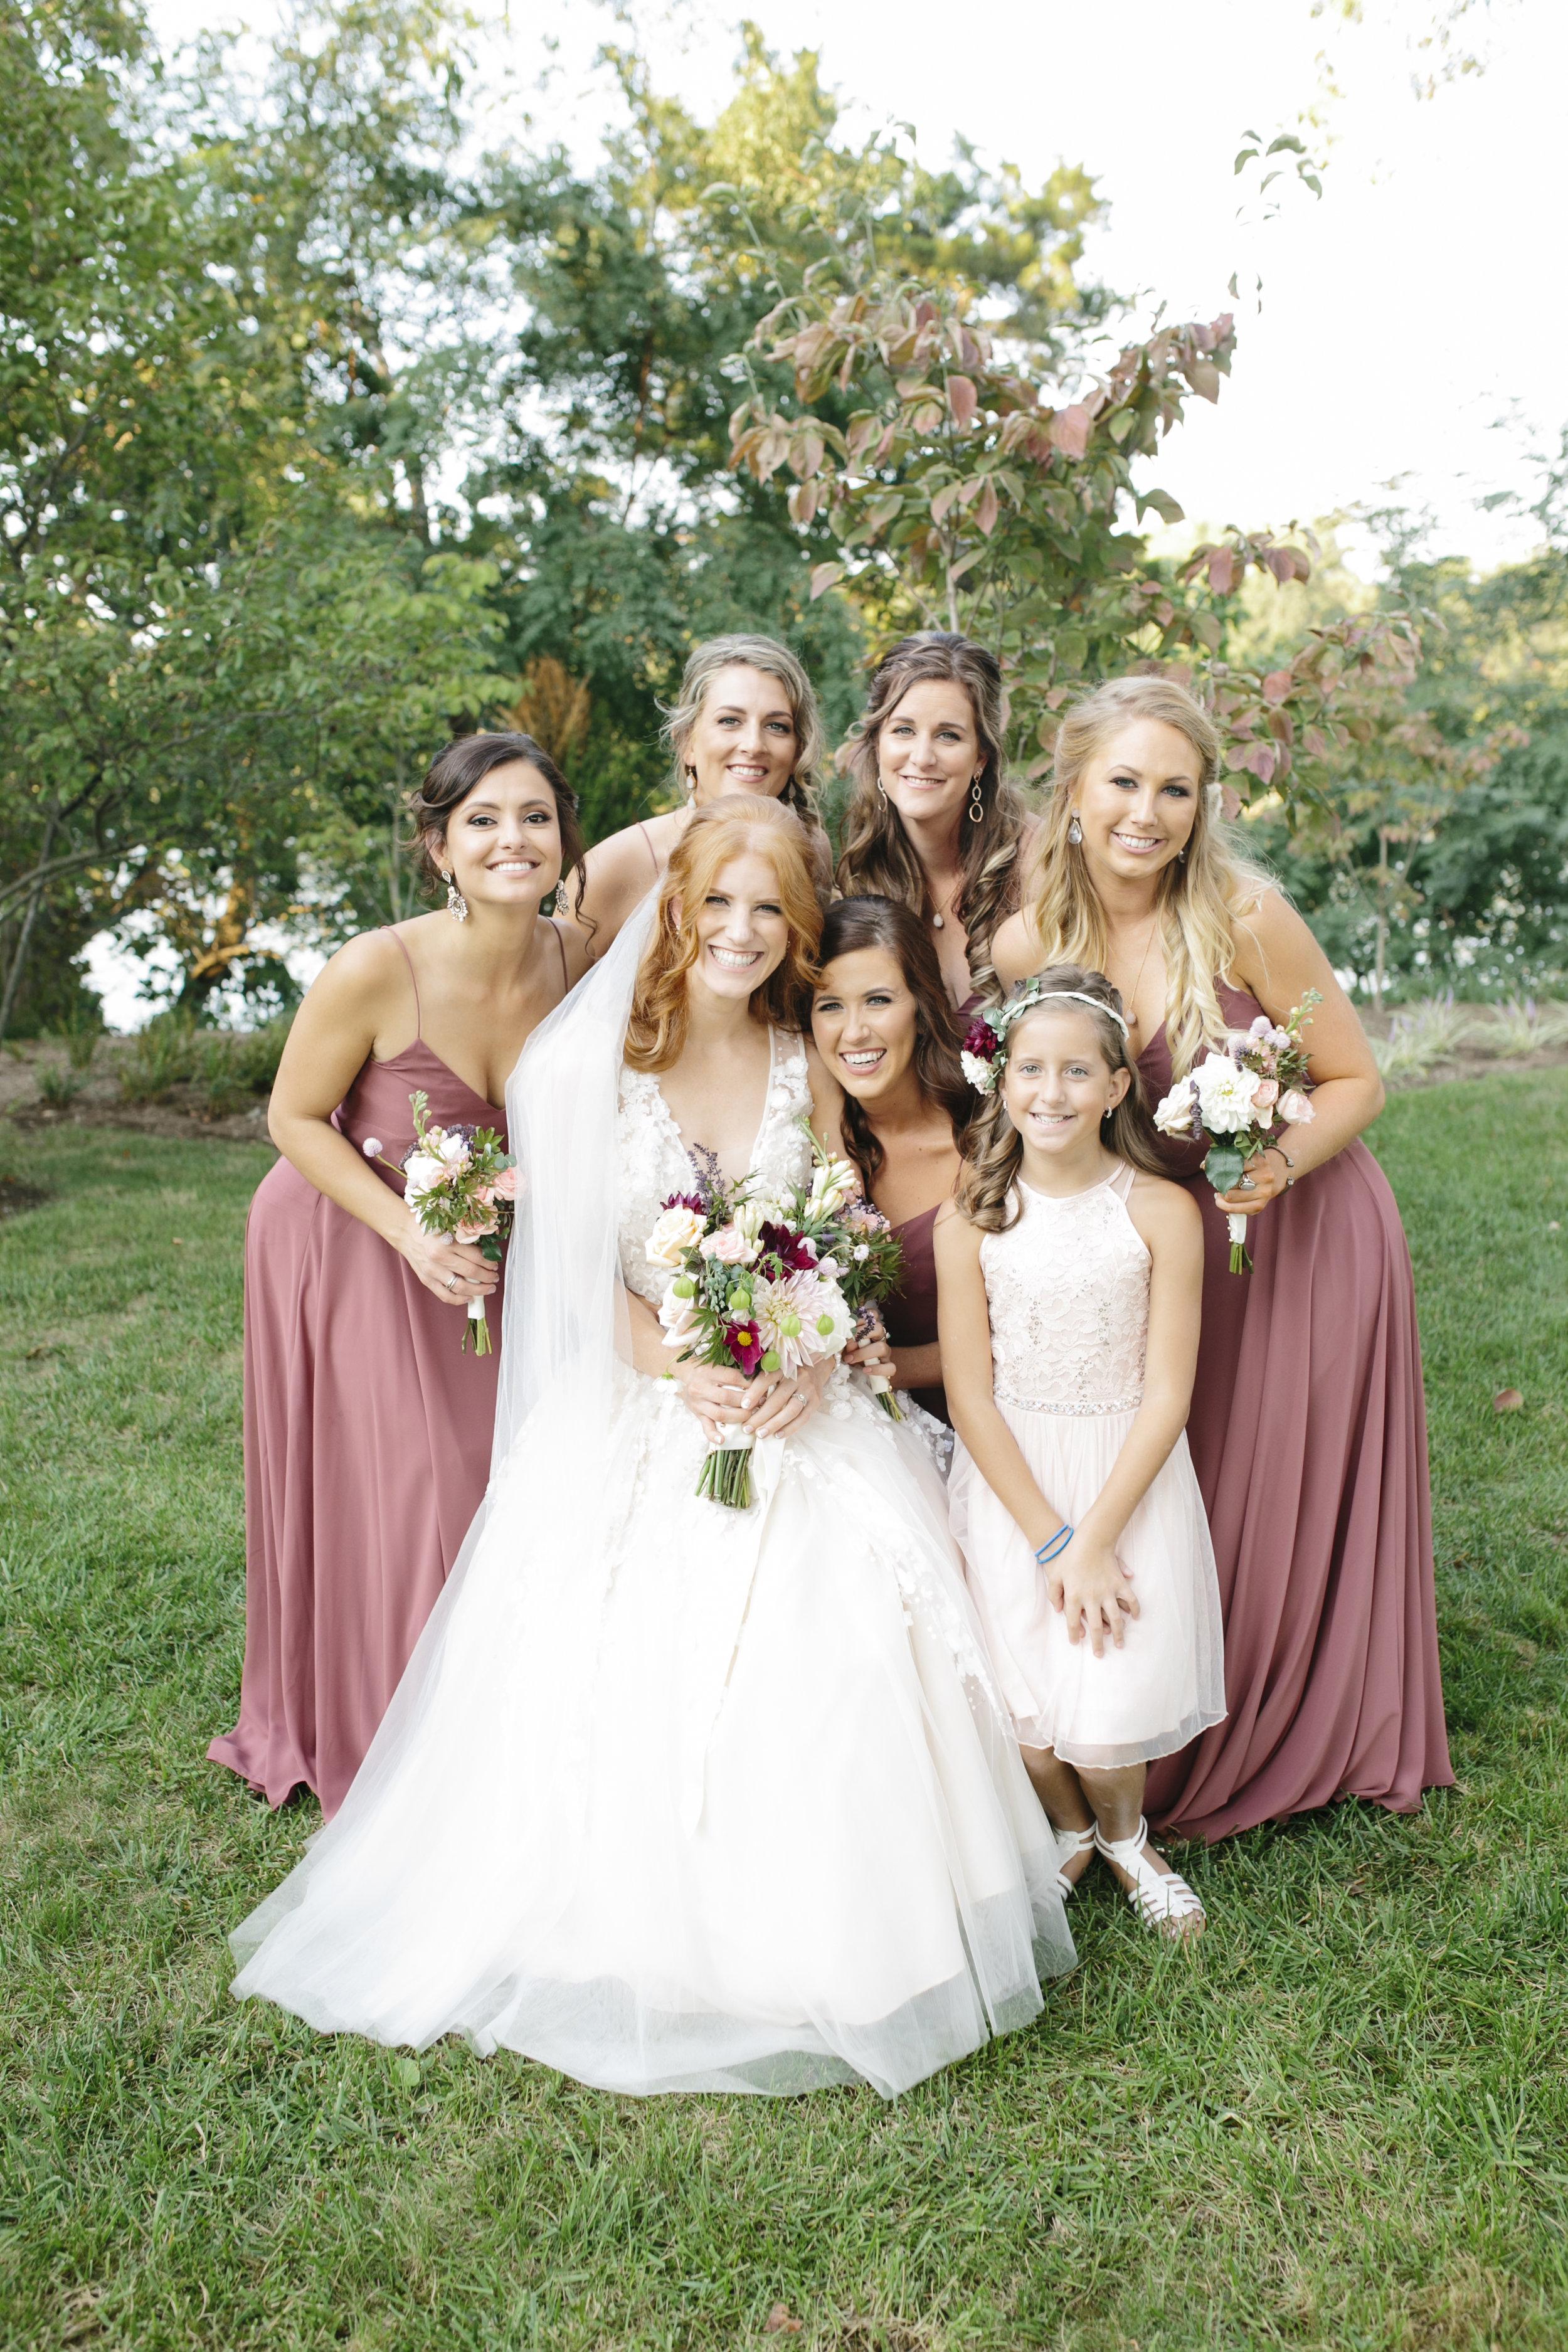 A&A_Wedding___0293.JPG